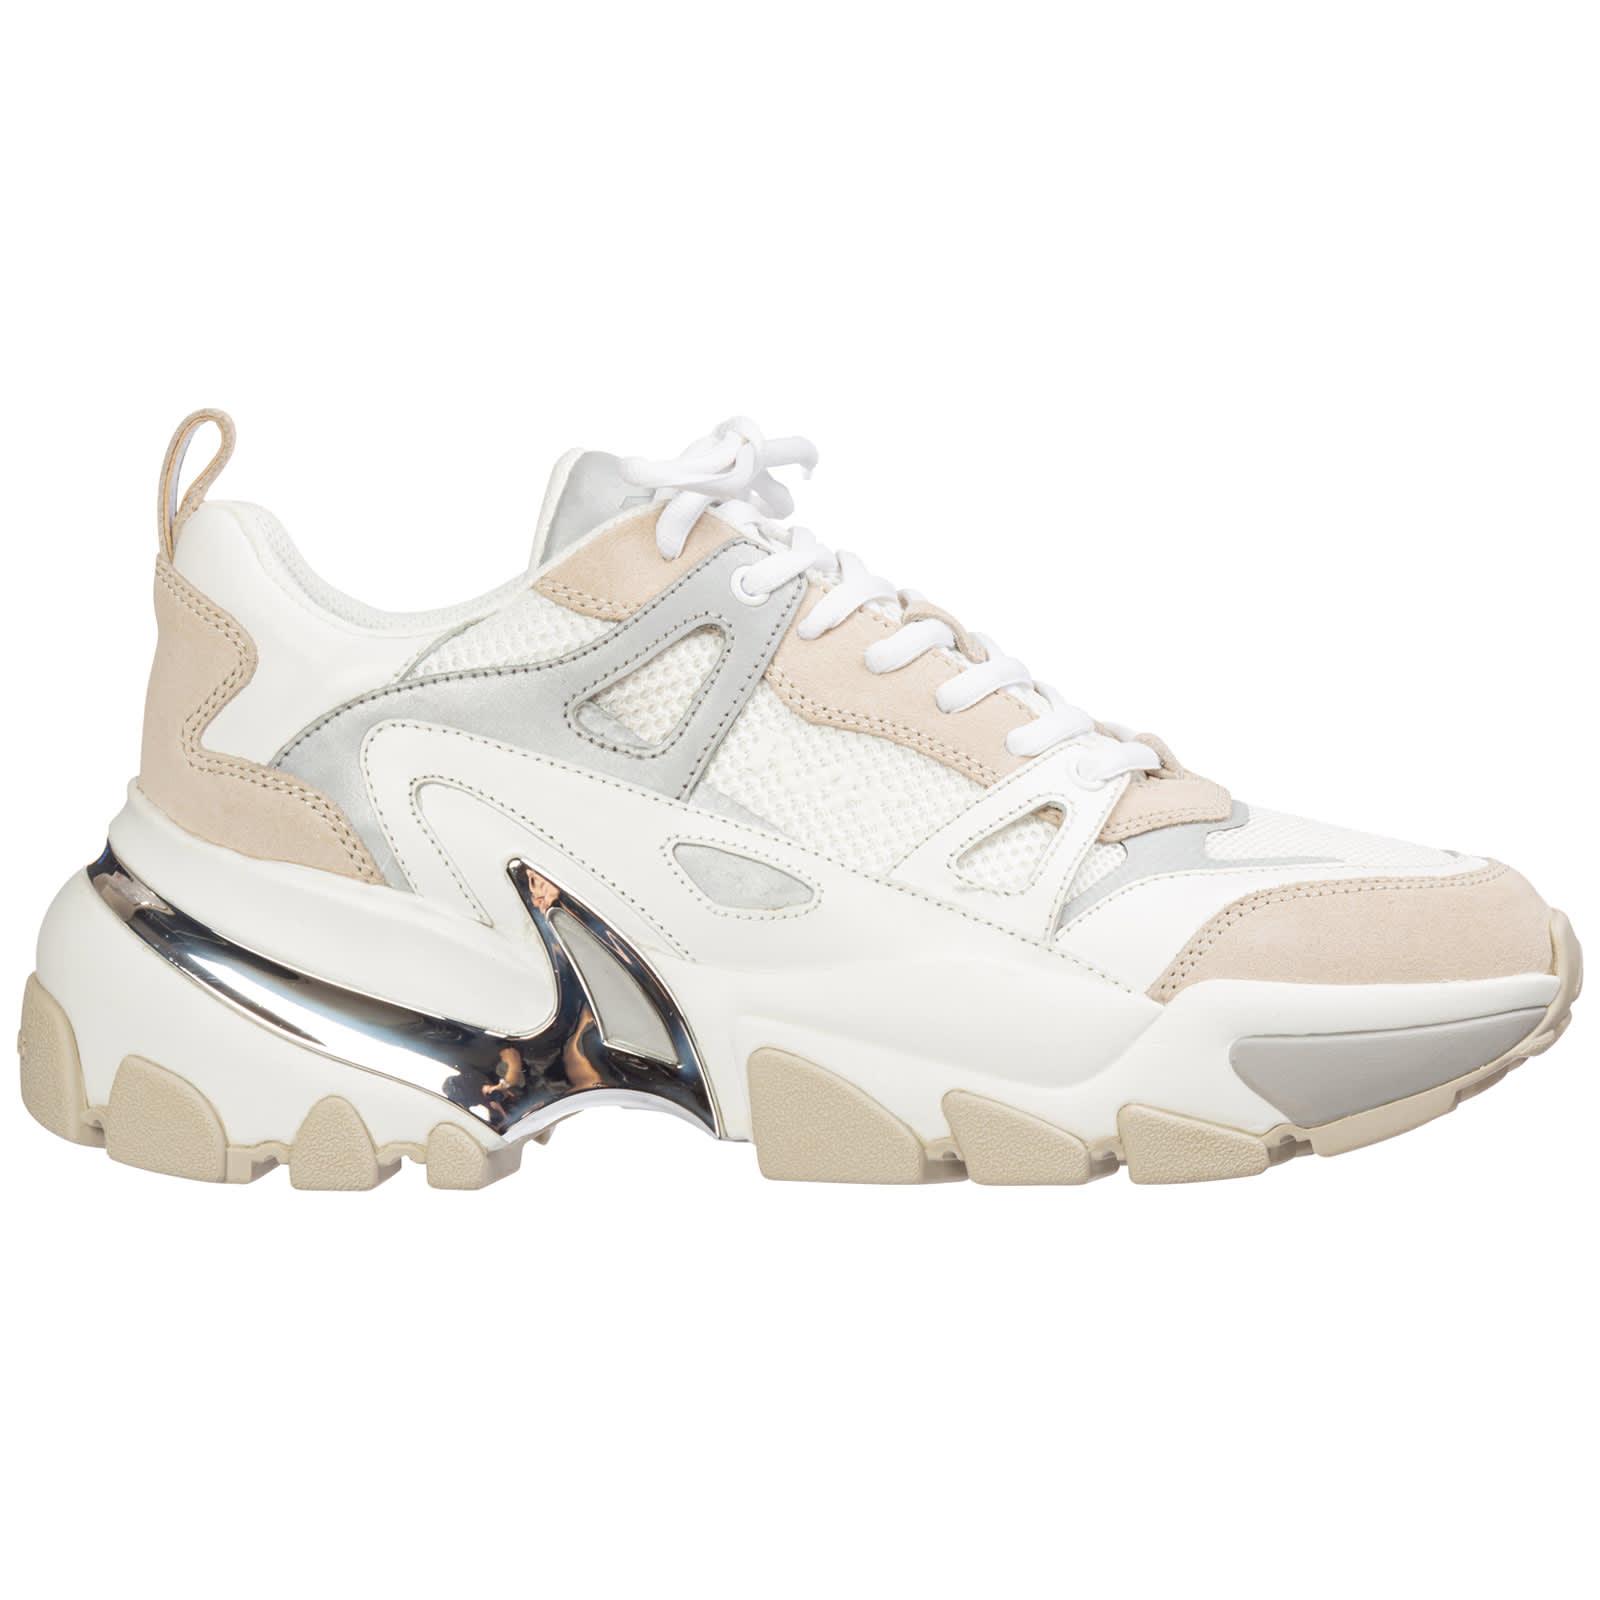 Michael Kors Sneakers PENN SNEAKERS